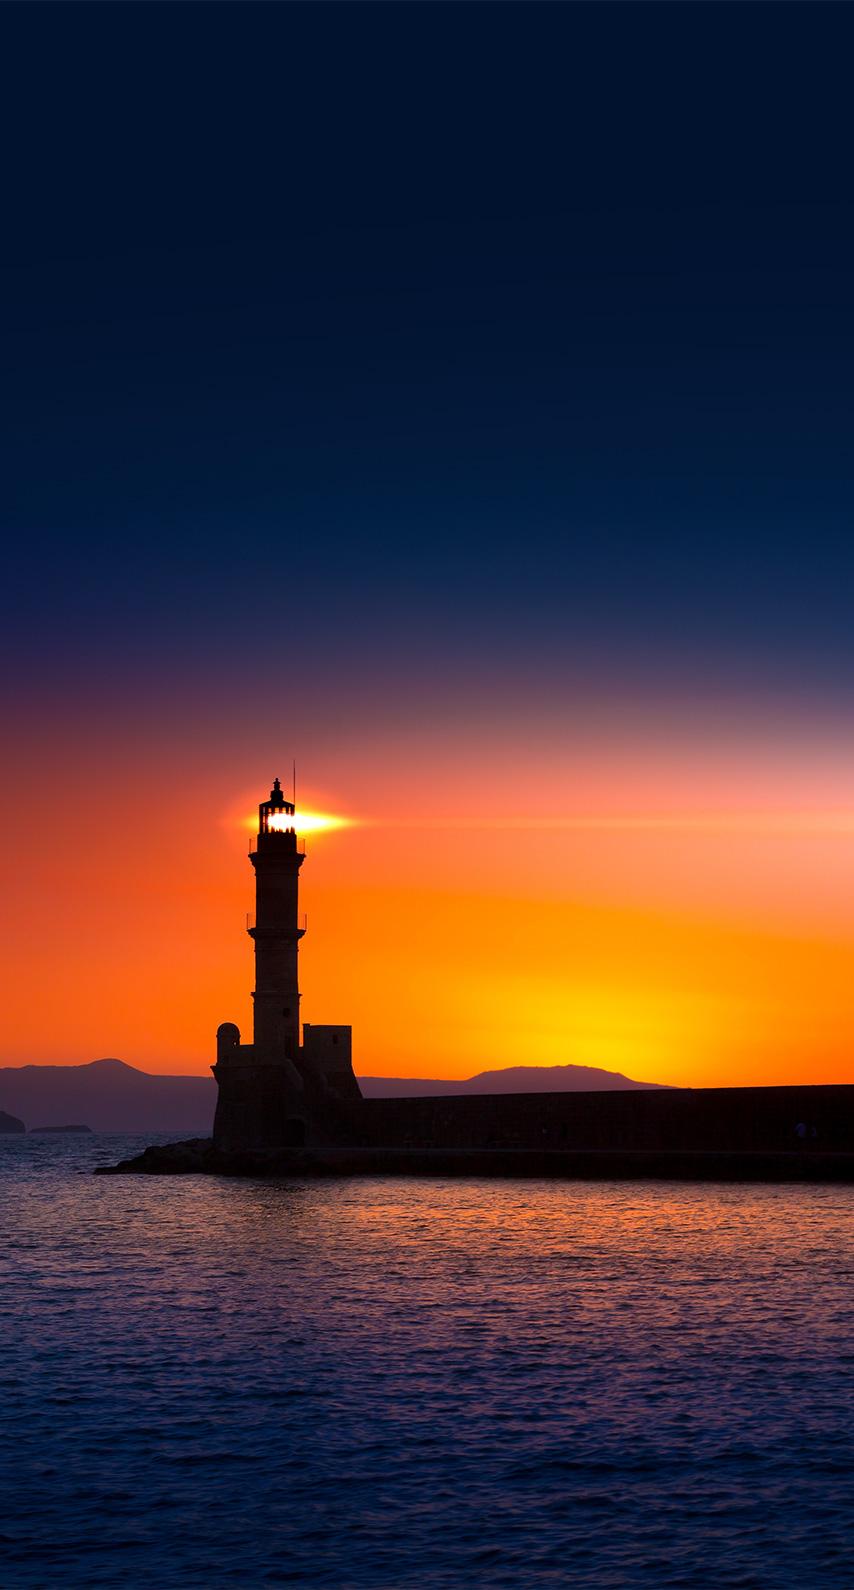 lighthouse, sun